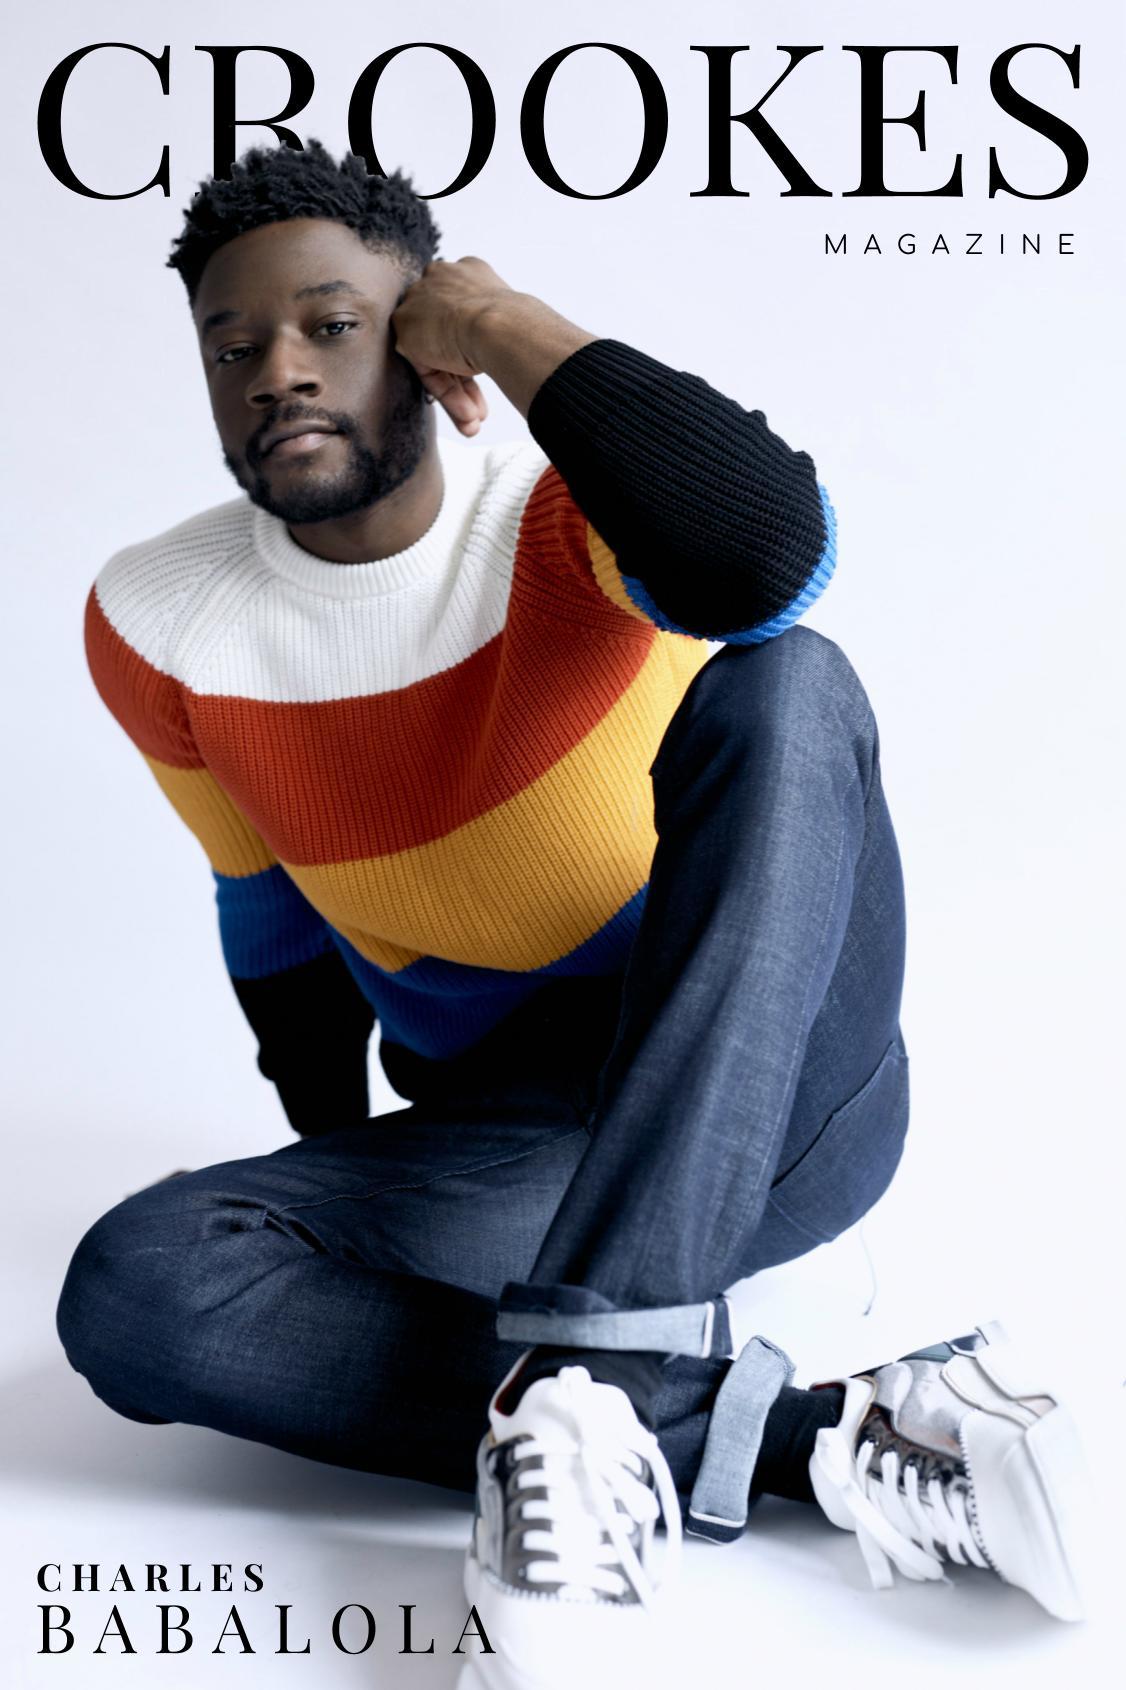 Charles Babalola Photoshoot 2018